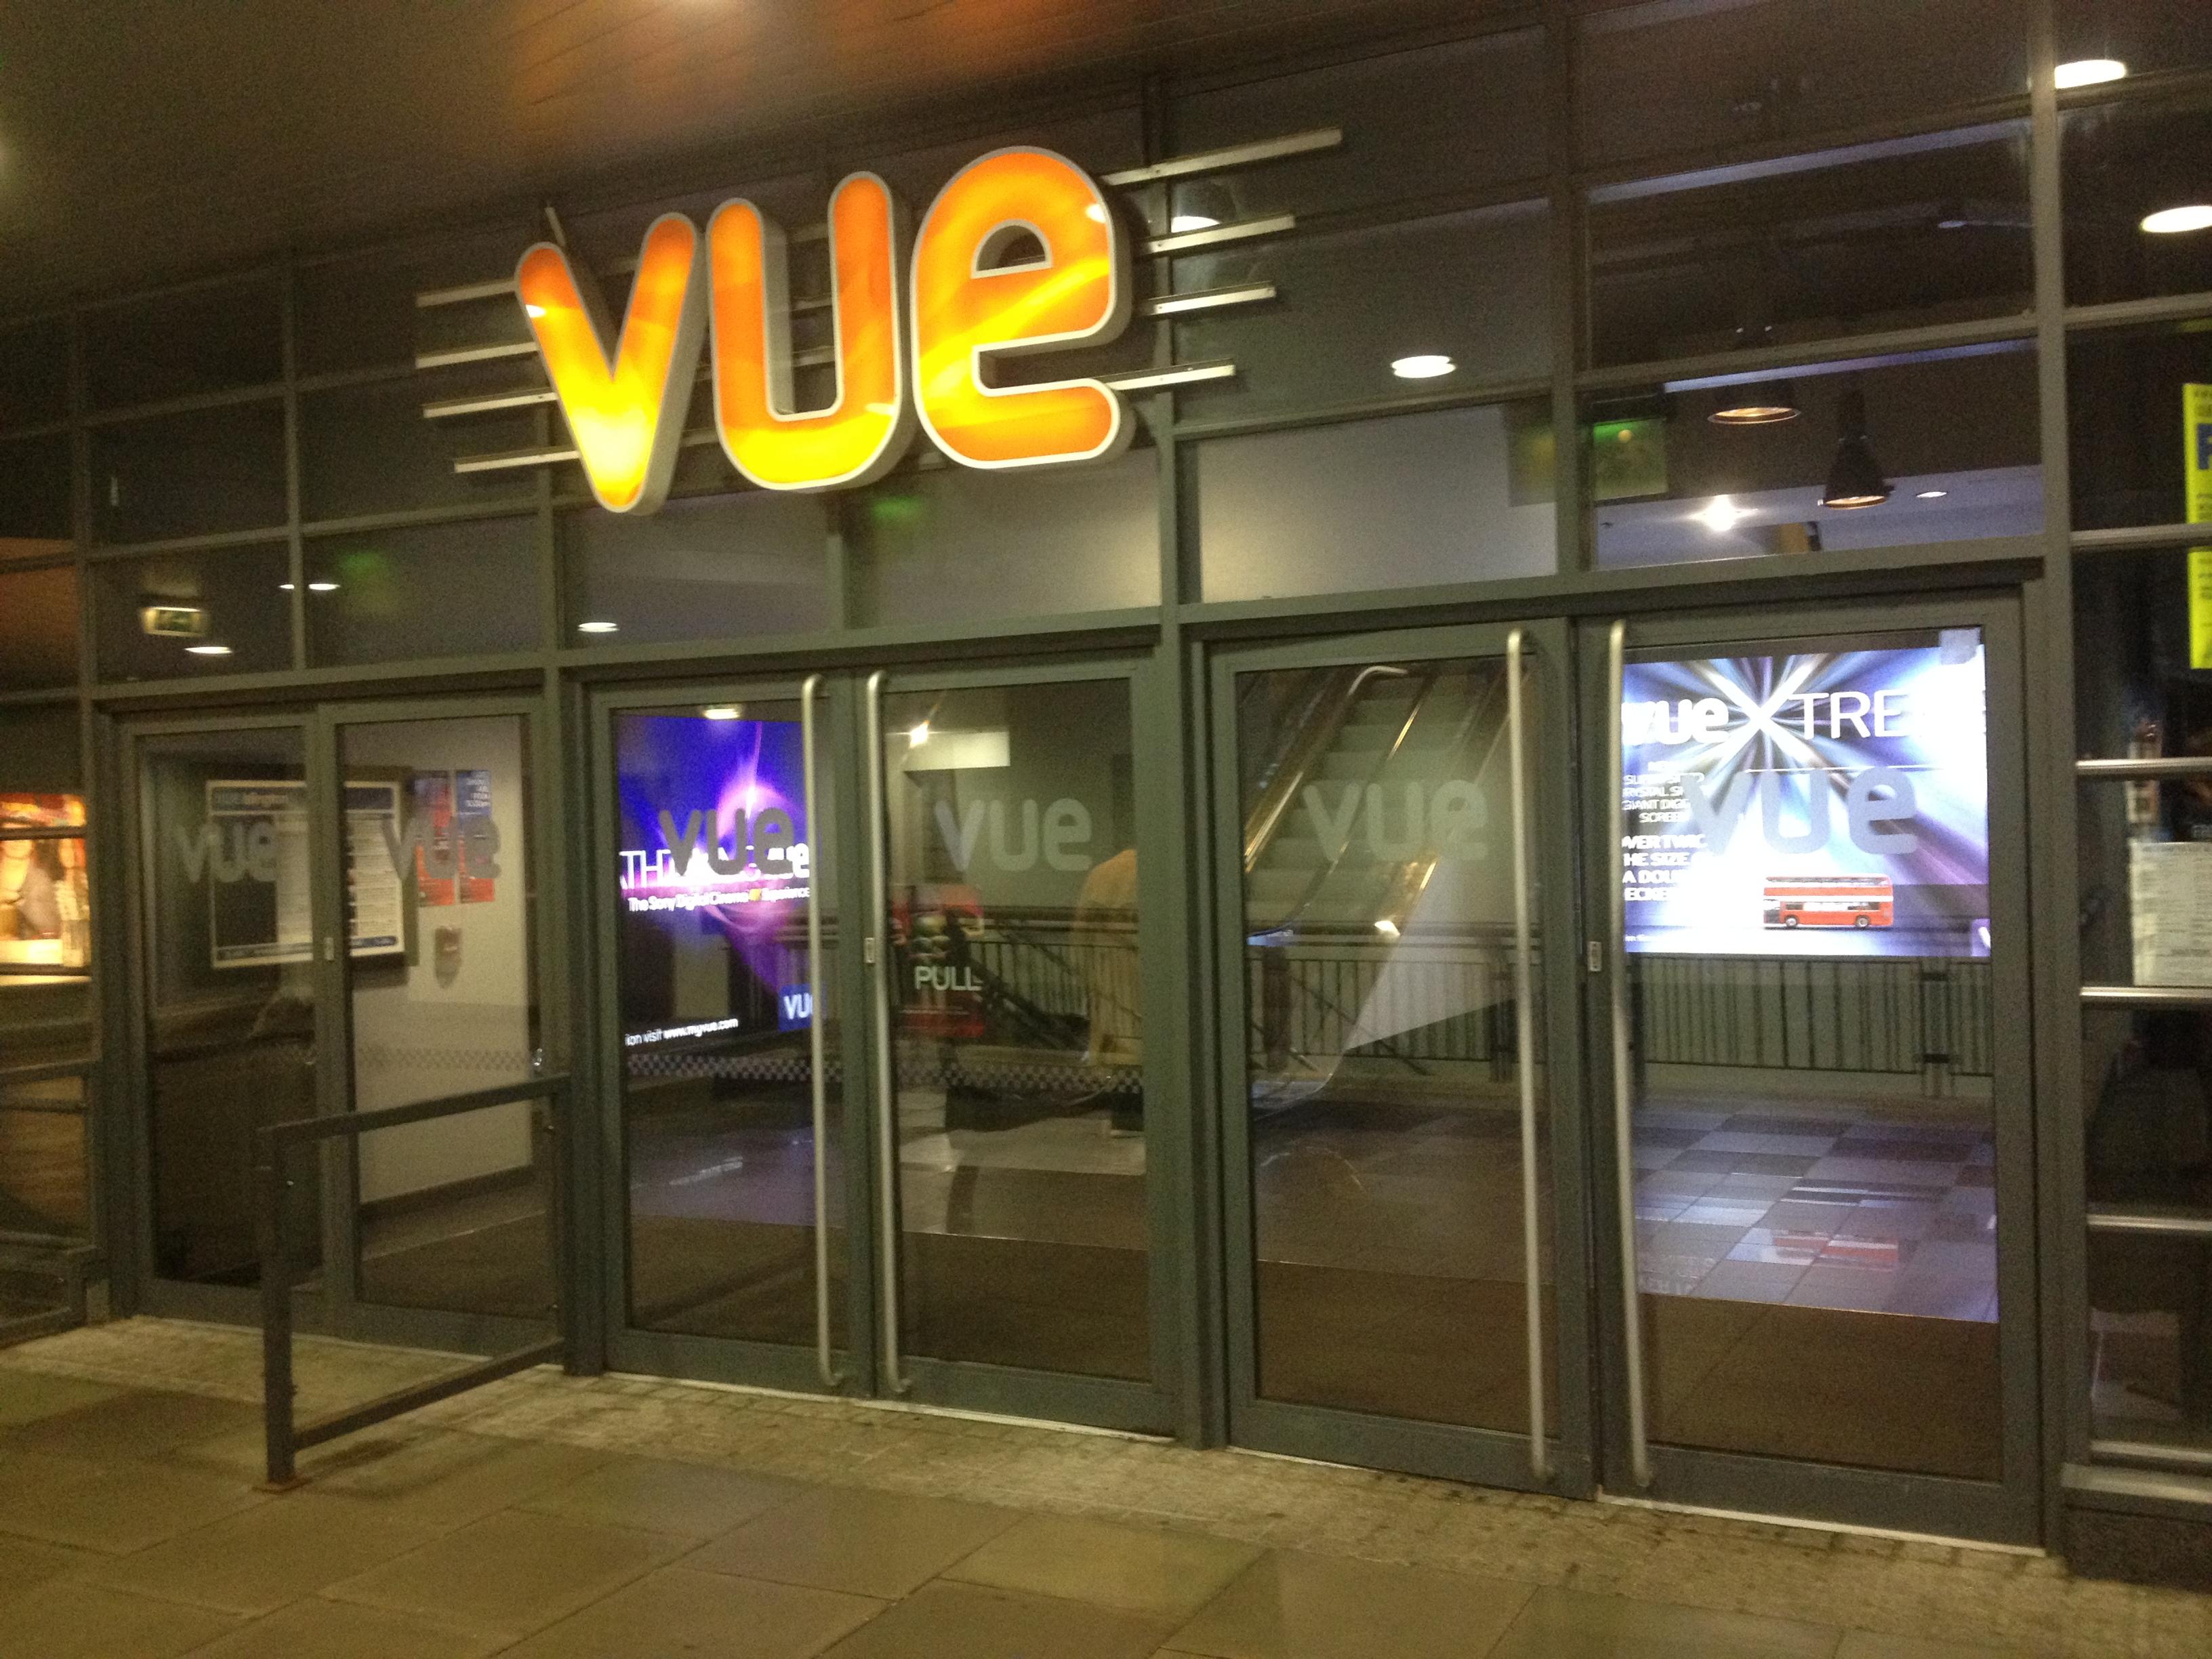 Vue Cinema – Islingt...